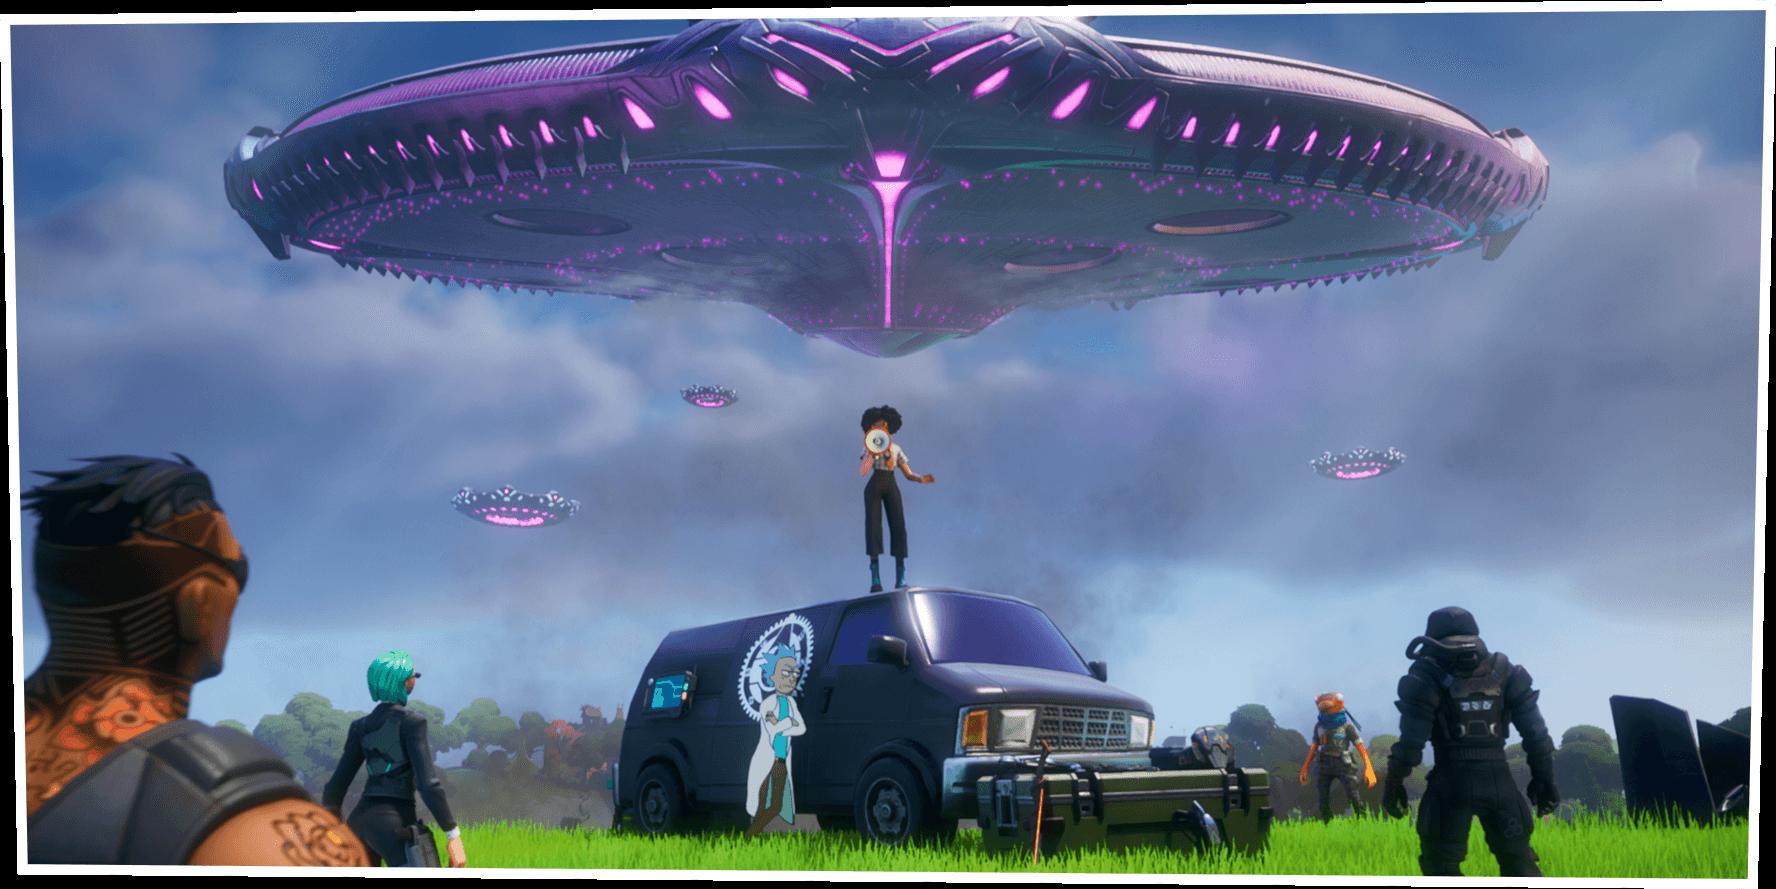 Capítulo 2: Temporada 7 do Fortnite — Invasão Alienígena